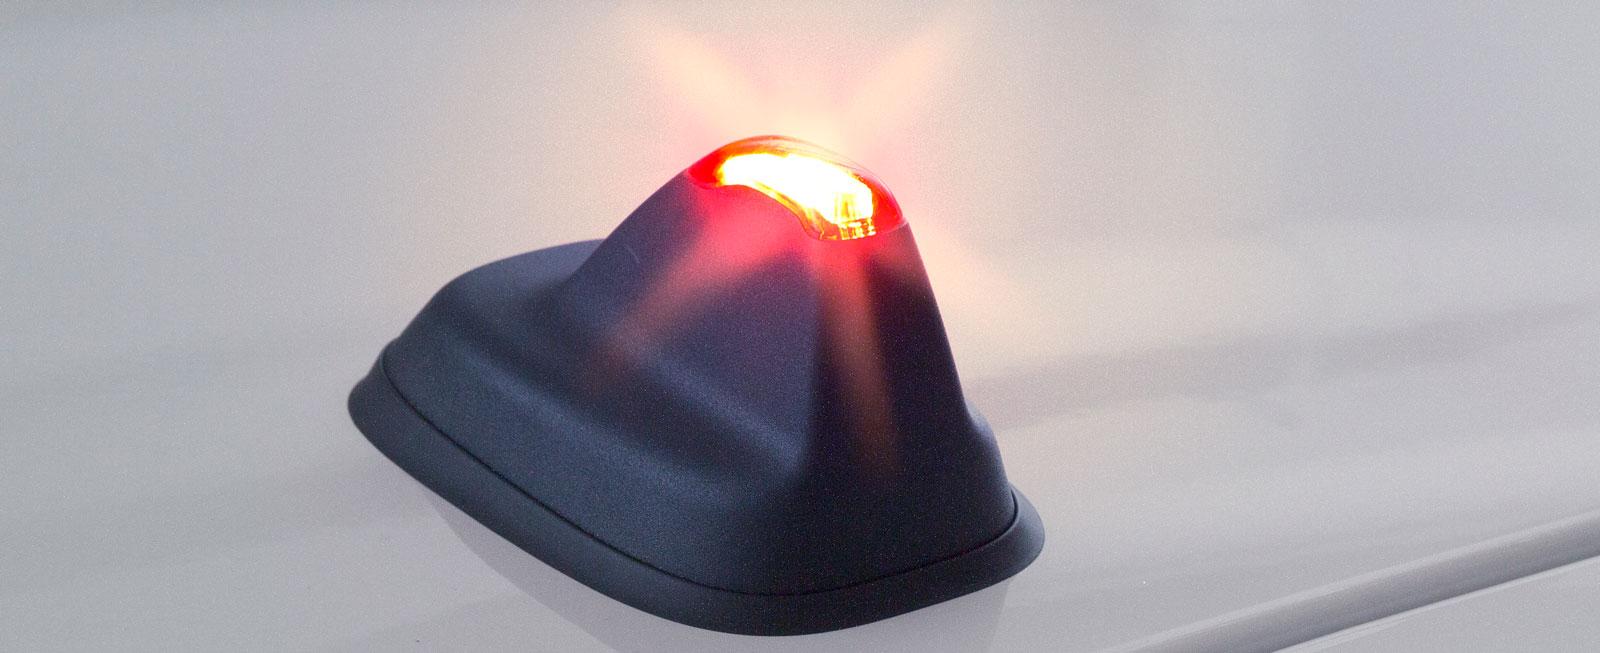 När larmet, tillval för 3300 kr, är aktiverat blinkar det rött i toppen på takets medie-antenn.